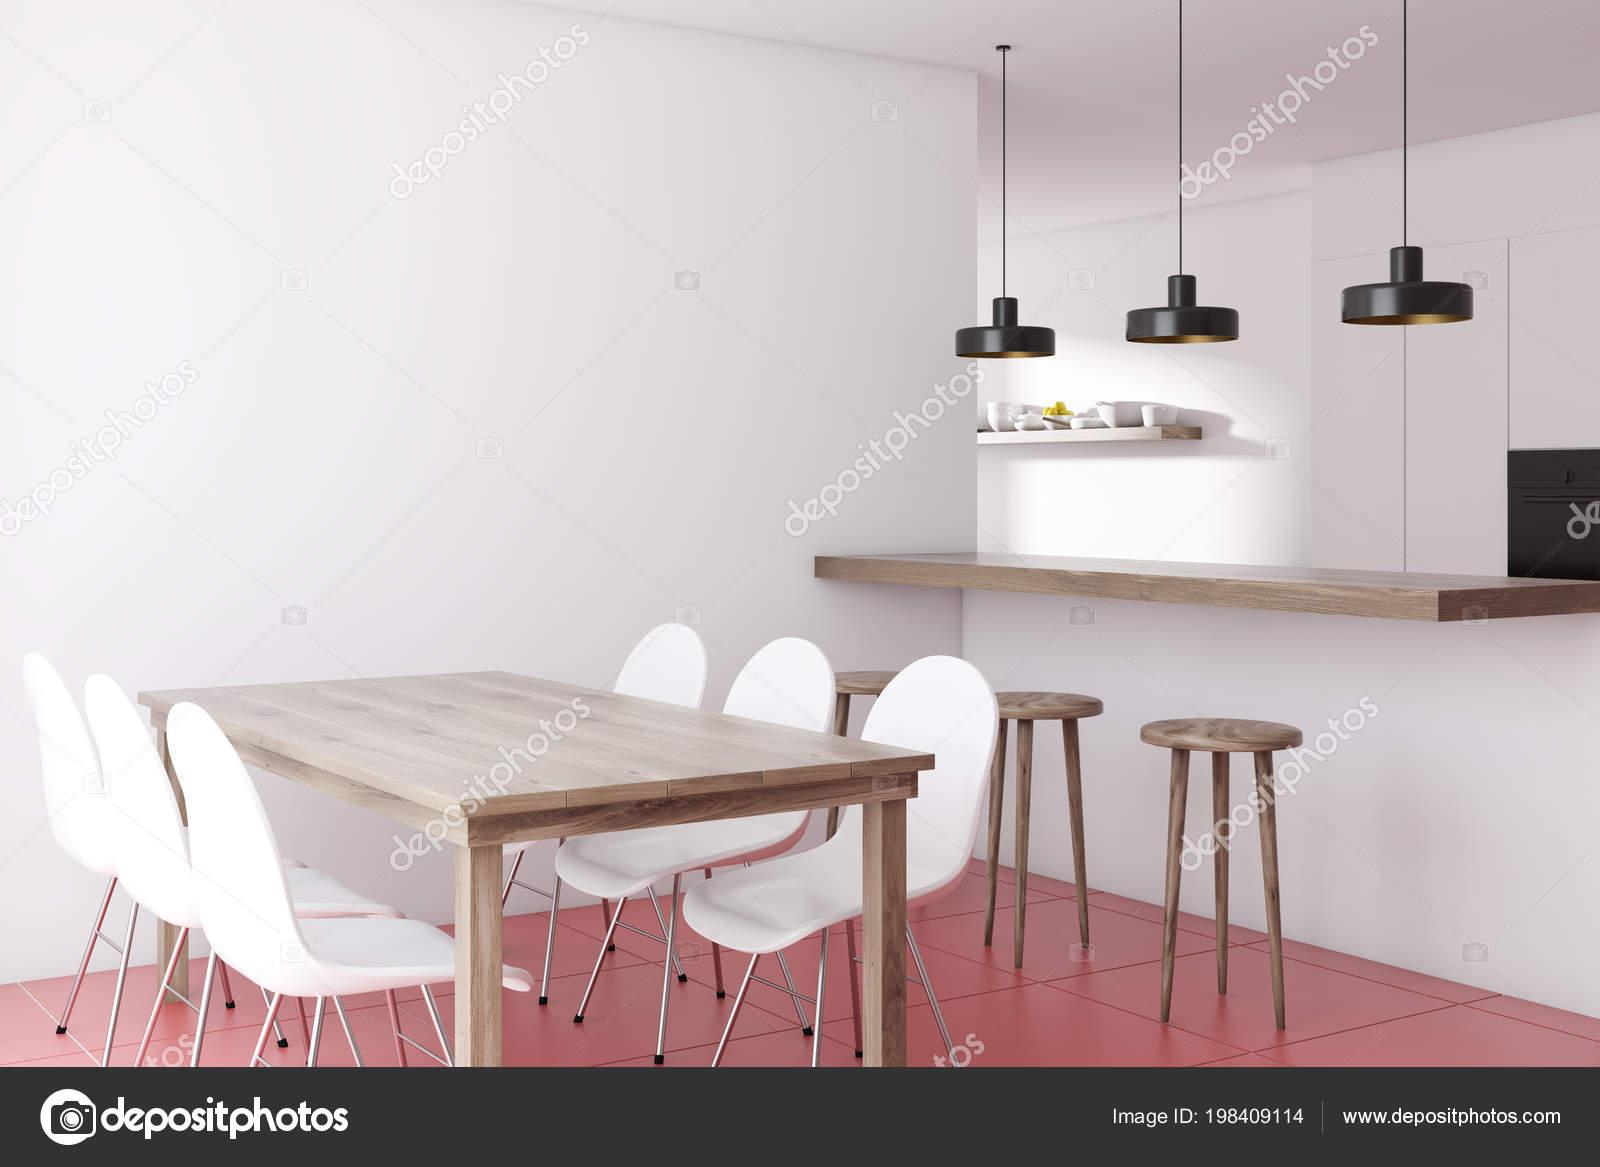 Modern Dining Room Corner White Walls Red Tiled Floor Wooden Stock Photo C Denisismagilov 198409114